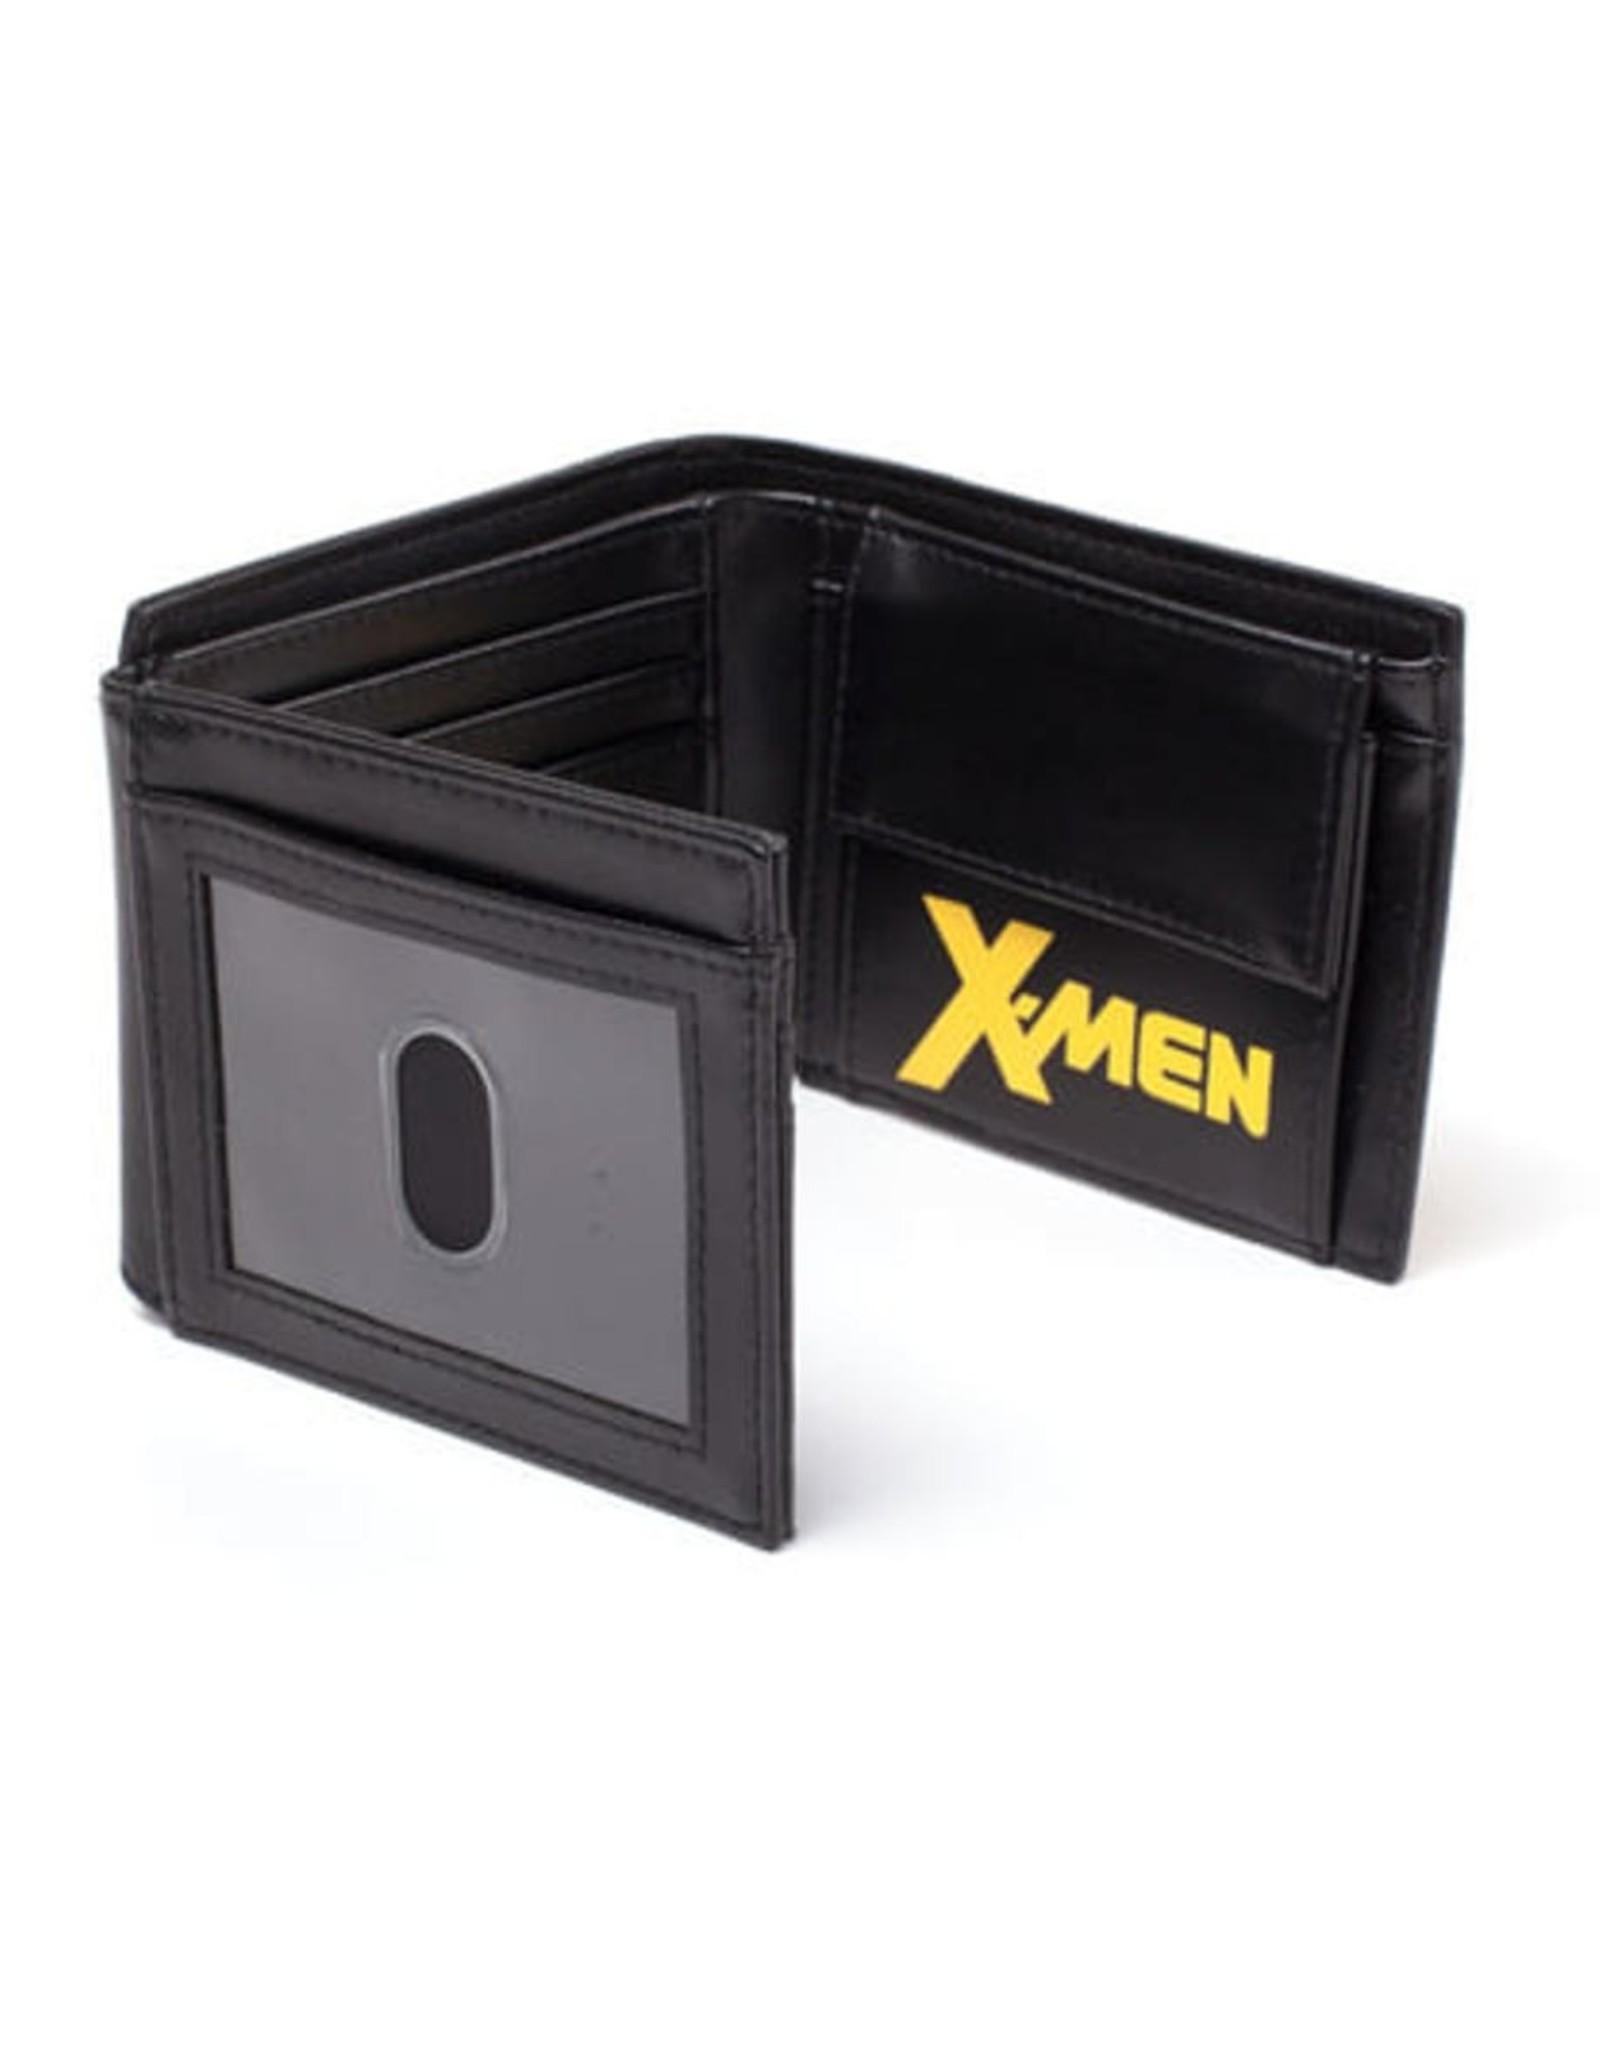 Marvel Marvel tassen en portemonnees - Marvel Wolverine portemonnee